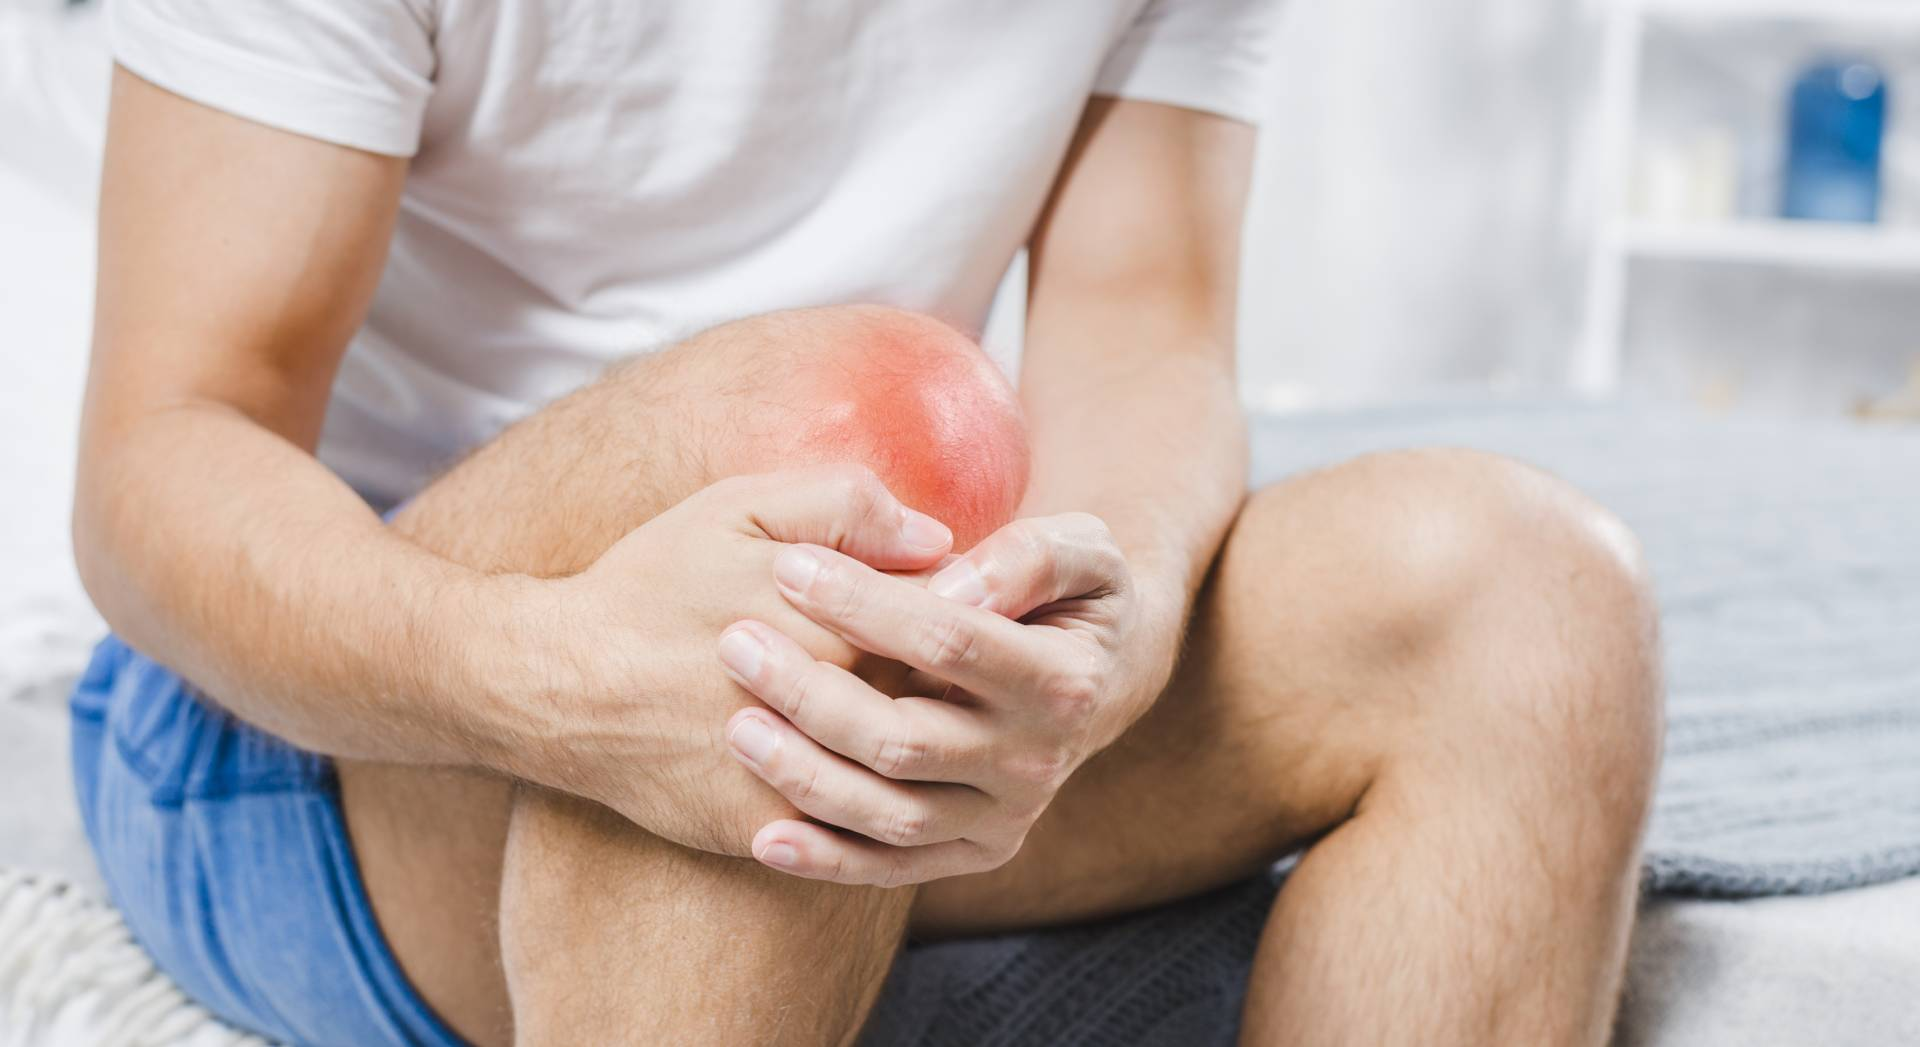 Un paziente soffre di dolori al ginocchio che potrebbe curare con le onde d'urto